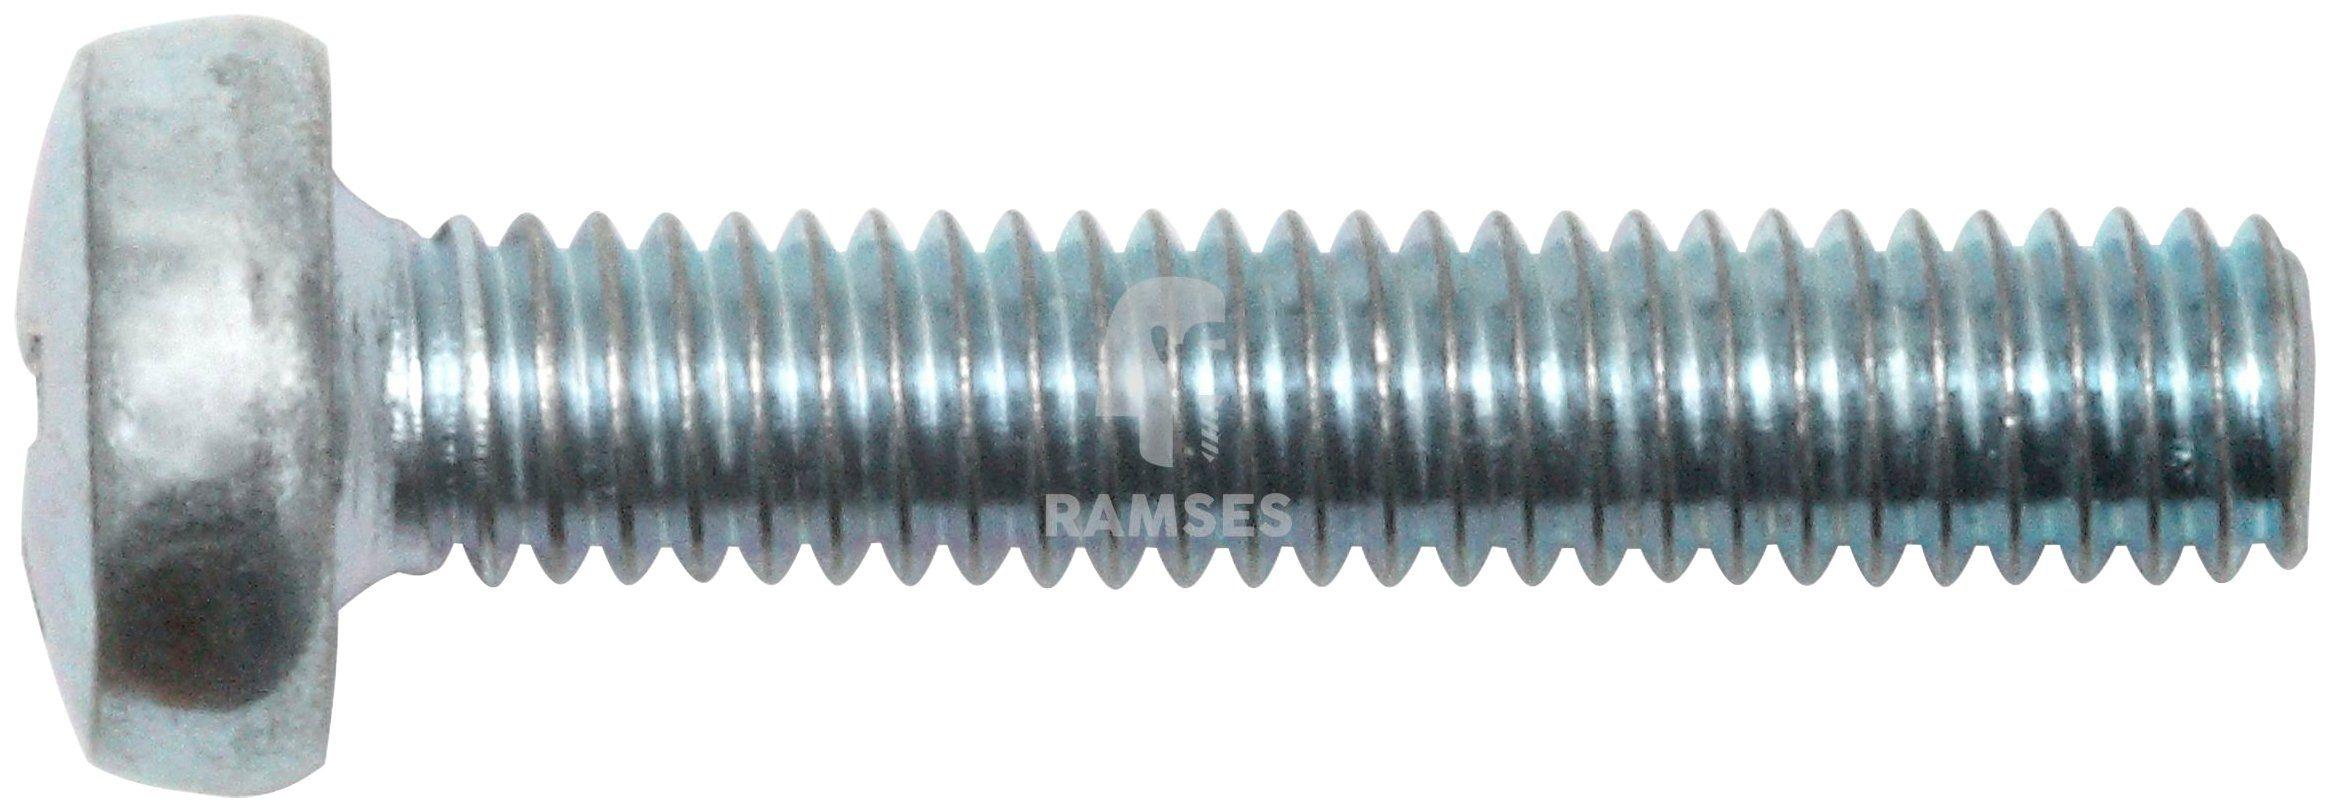 RAMSES Schrauben , Linsenschraube DIN 7985 M4 x 50 PH2 100 Stk.